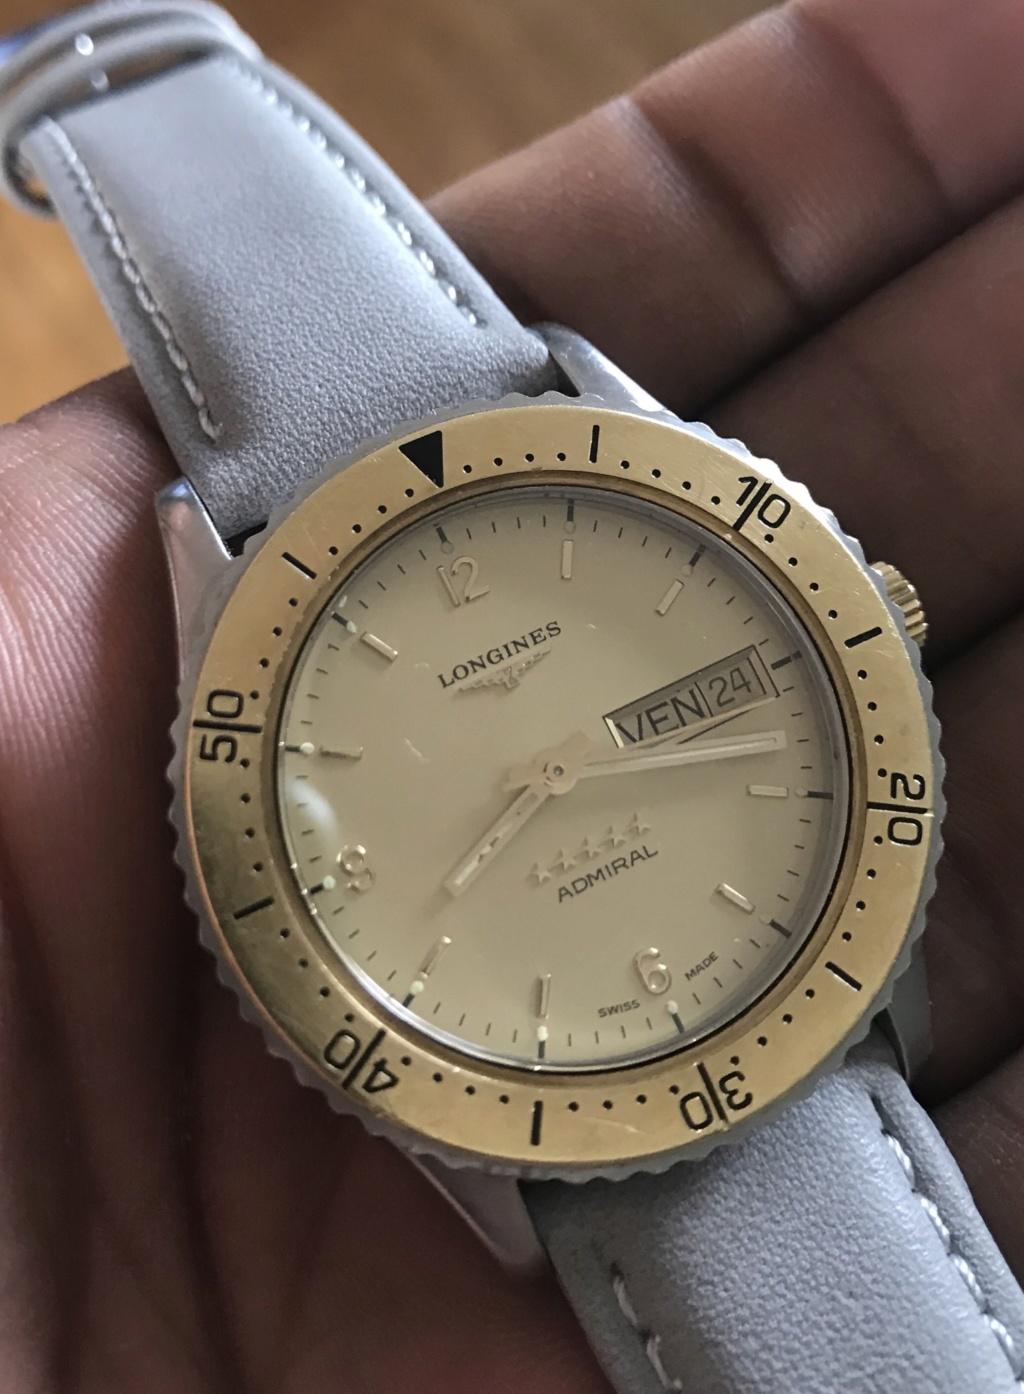 ZENITH -  [Postez ICI les demandes d'IDENTIFICATION et RENSEIGNEMENTS de vos montres] - Page 5 Acdc9410